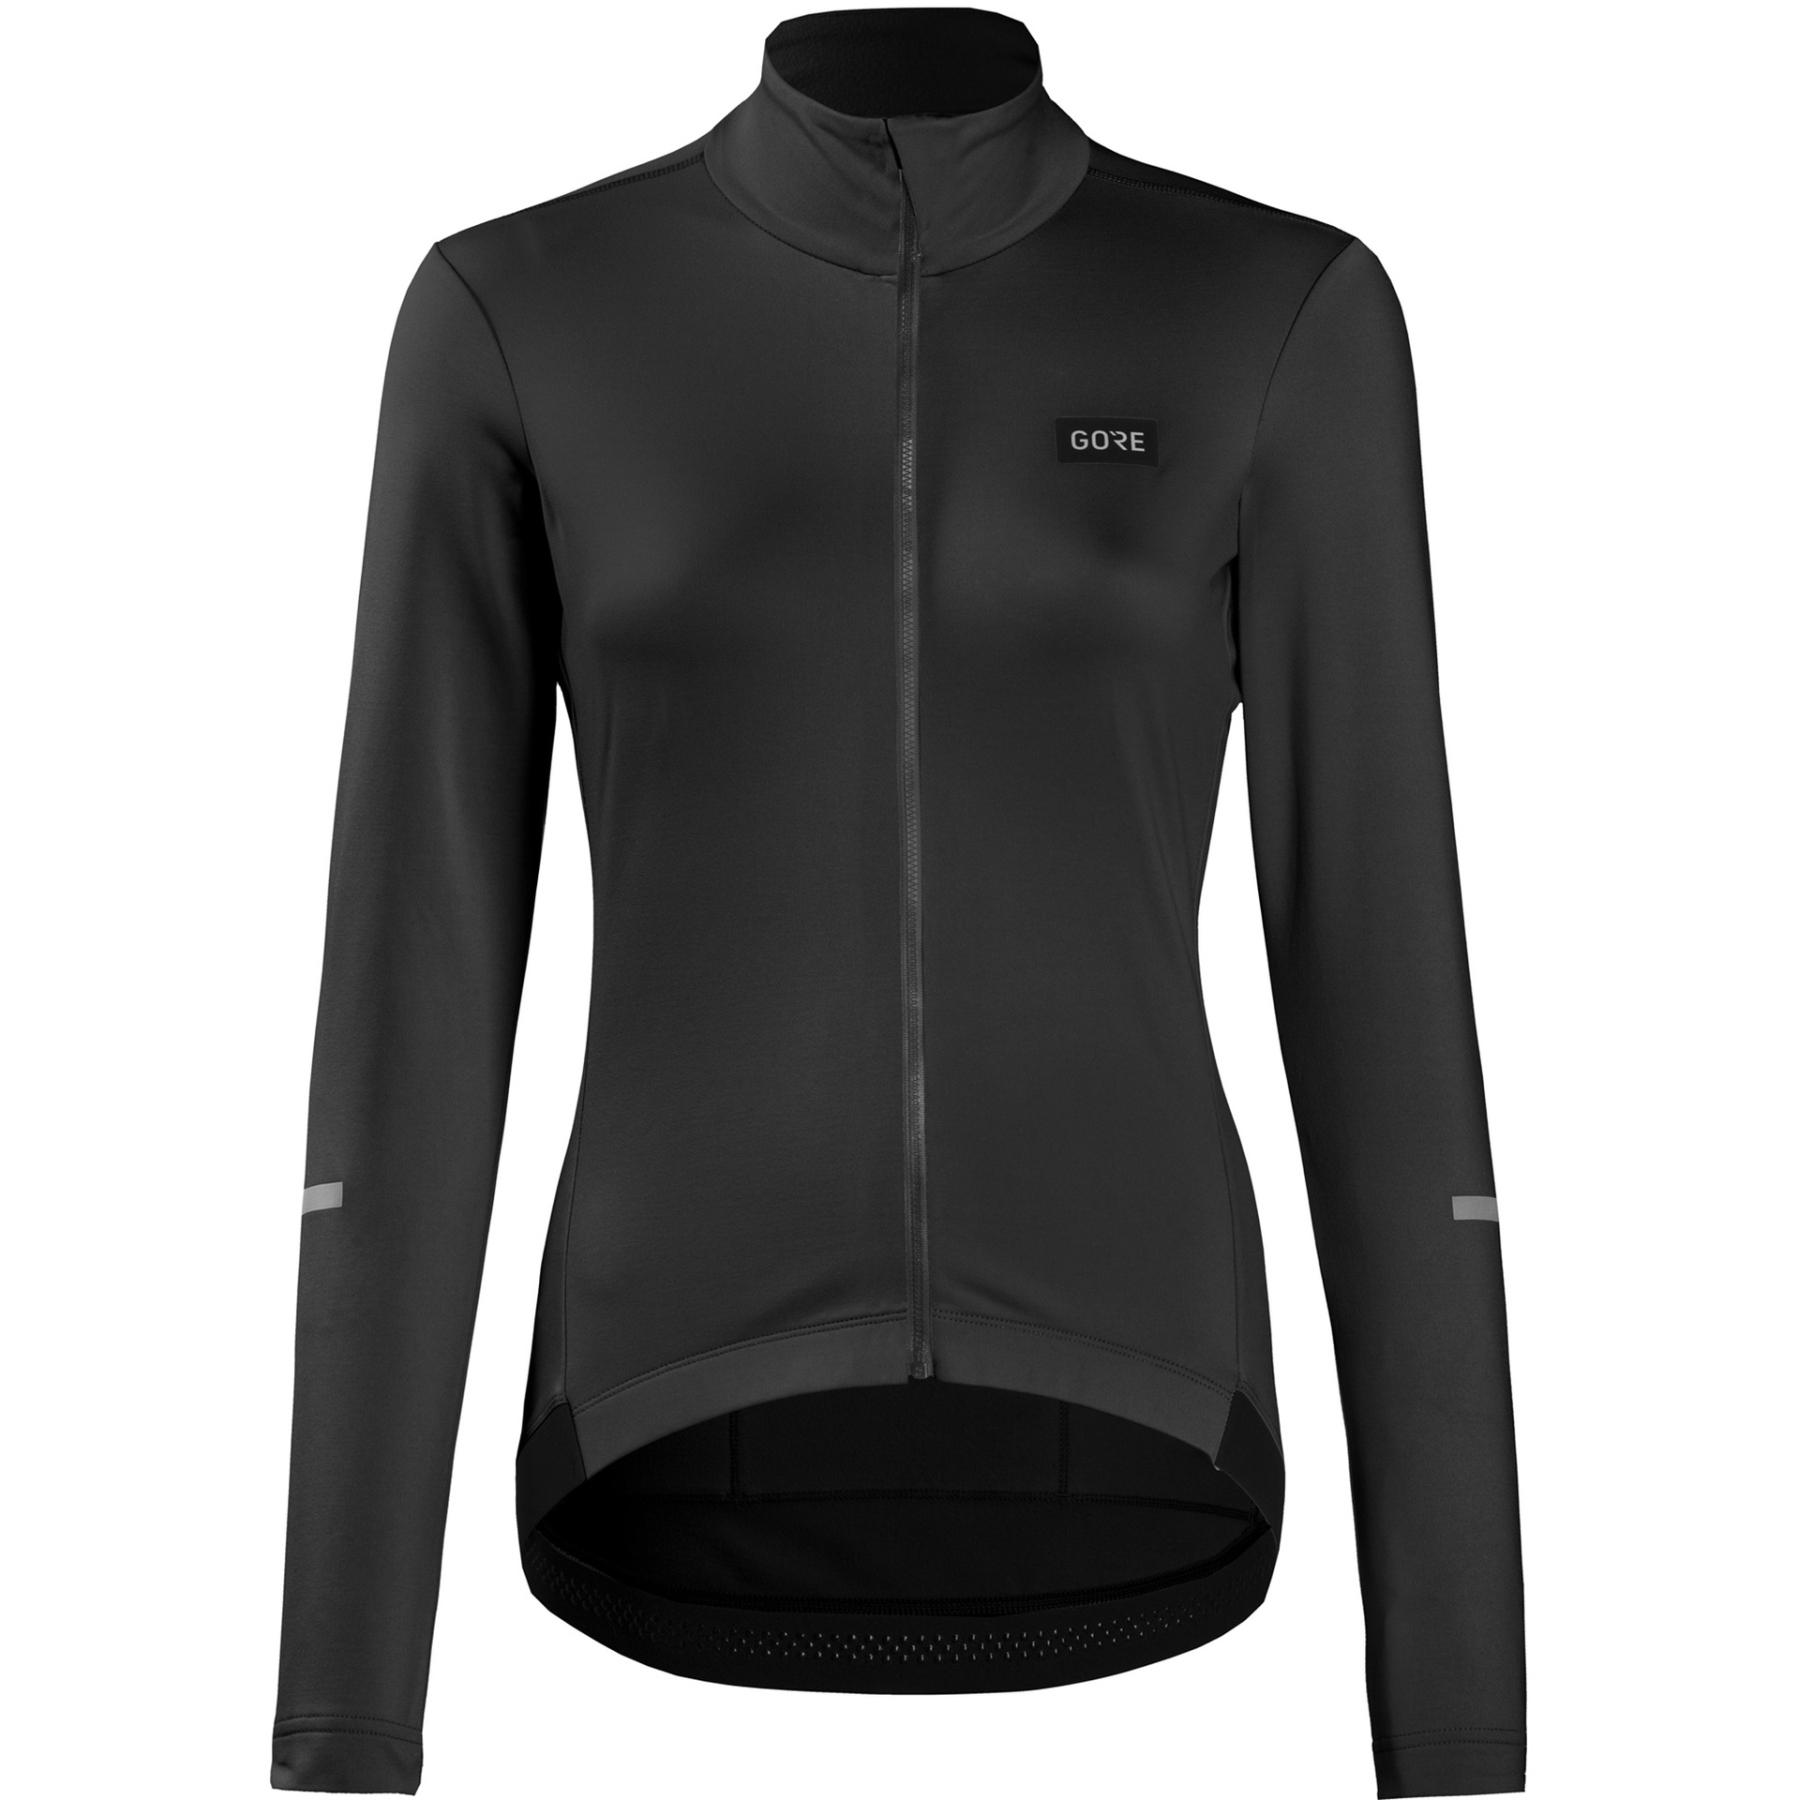 Produktbild von GORE Wear Progress Thermo Trikot für Damen - black 9900